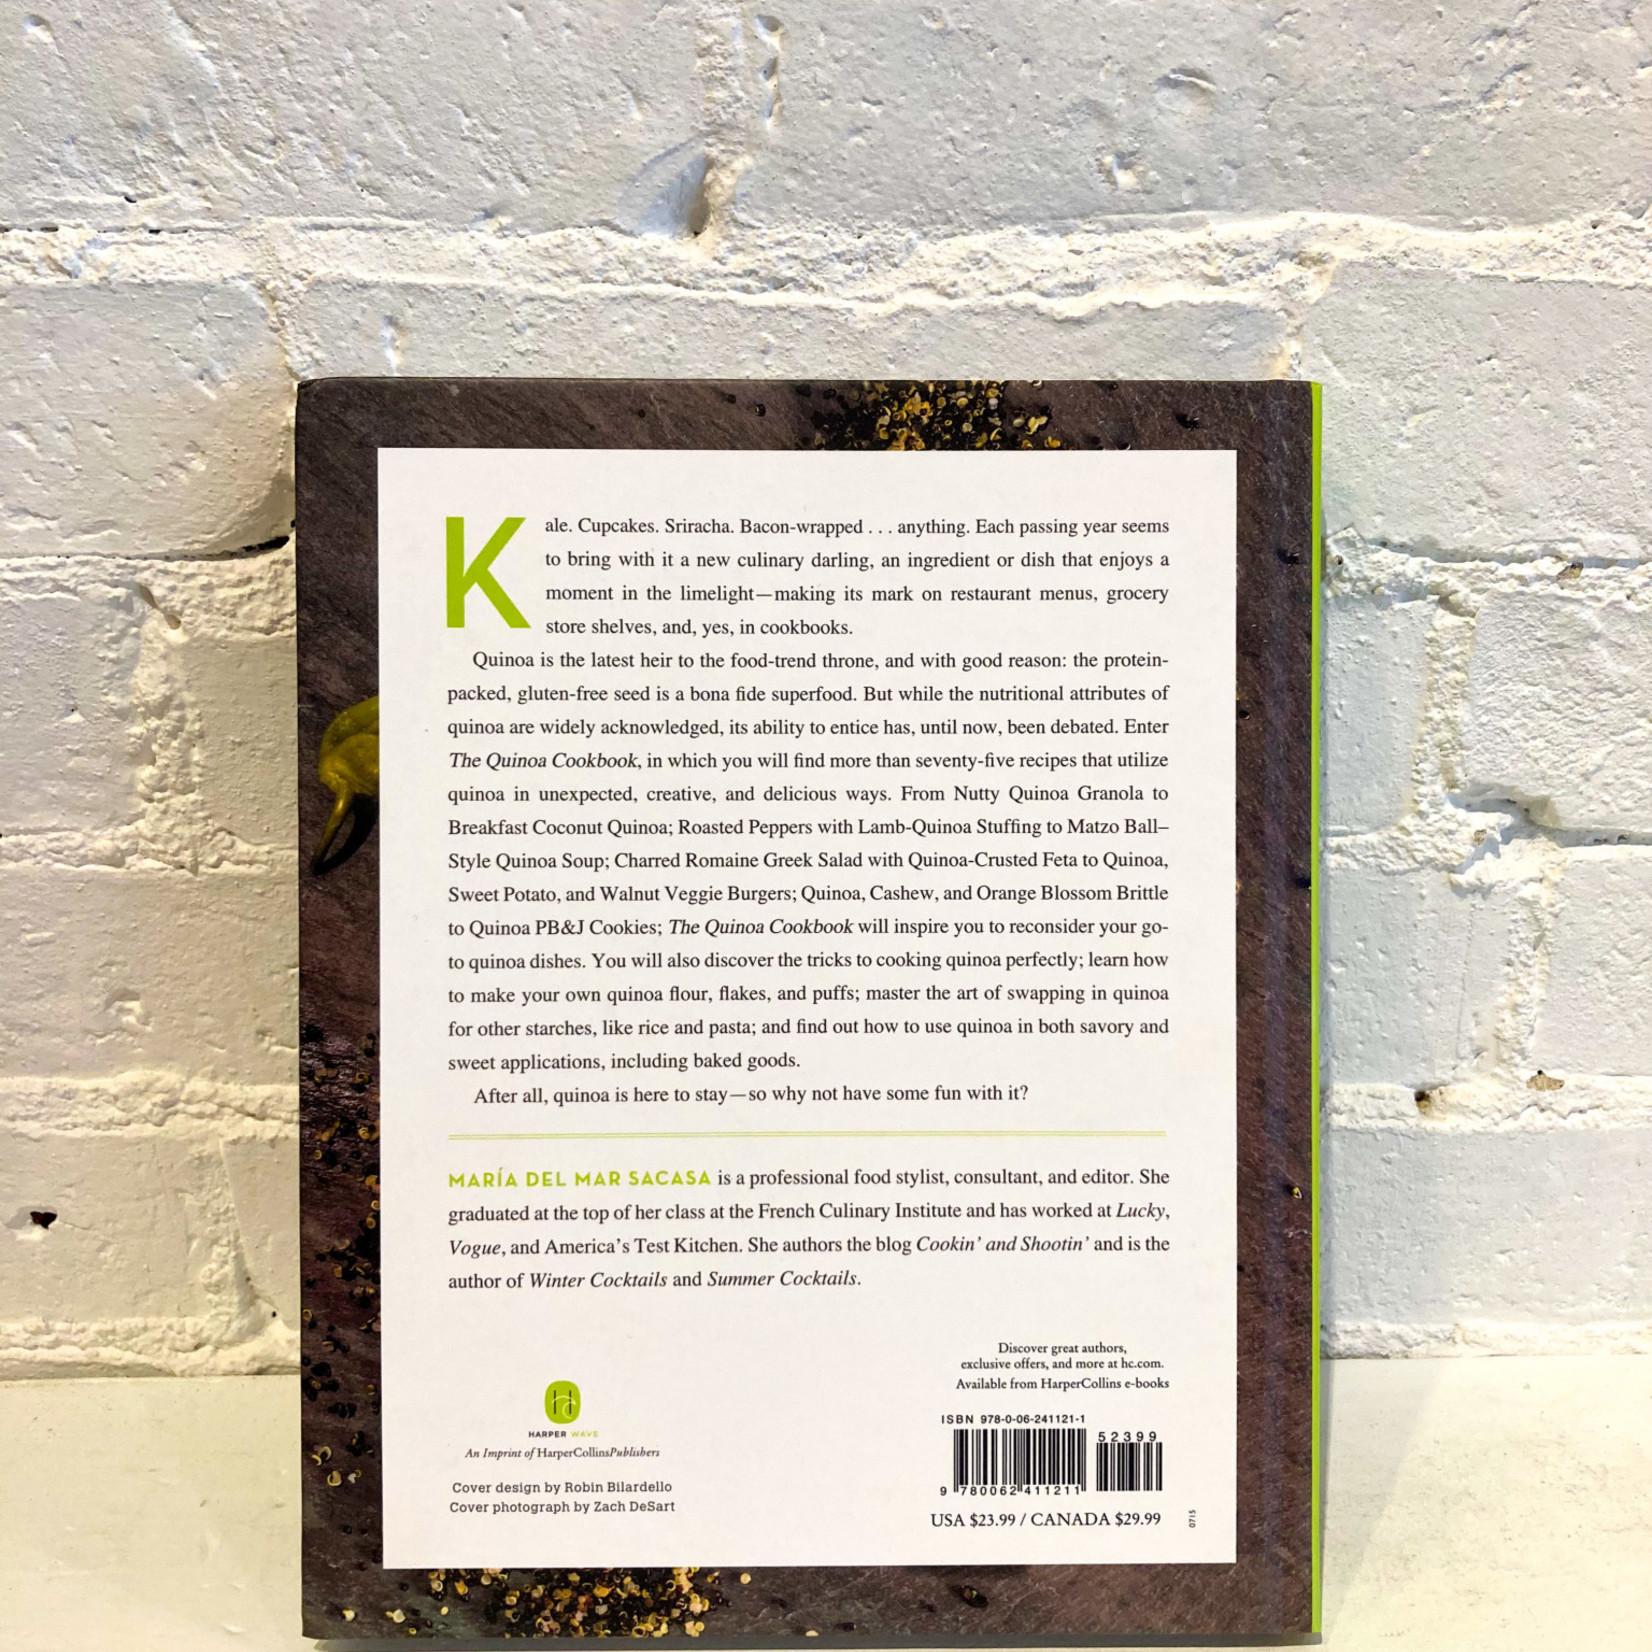 The Quinoa Cookbook by María del Mar Sacasa